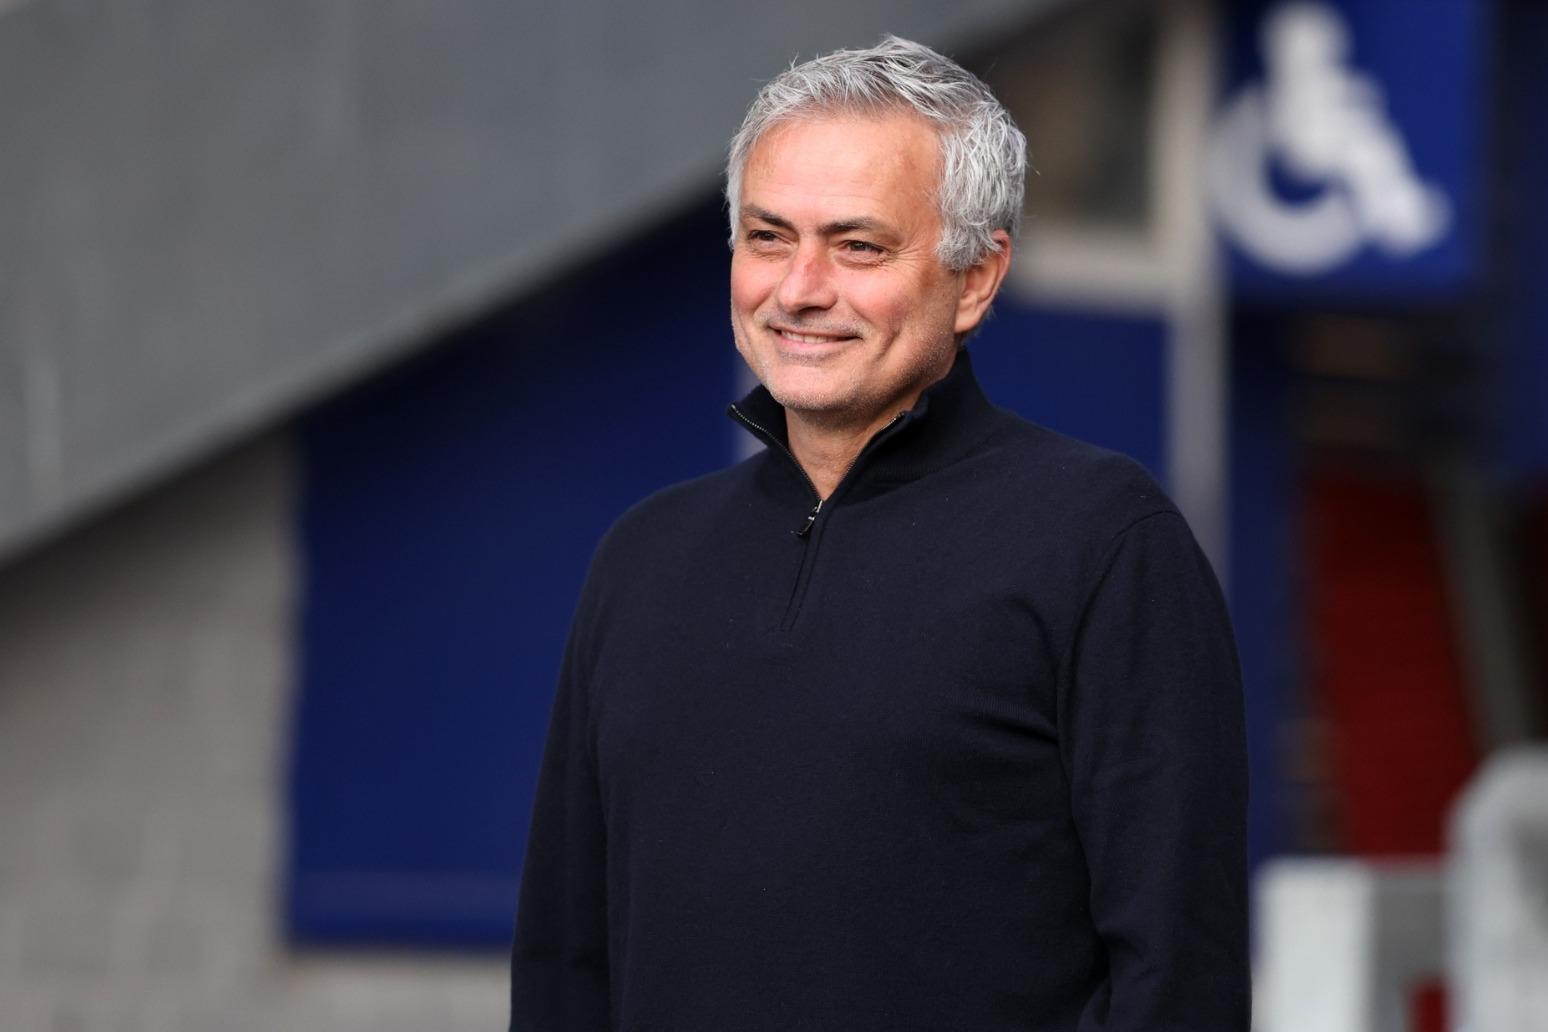 Jose Mourinho has a new job